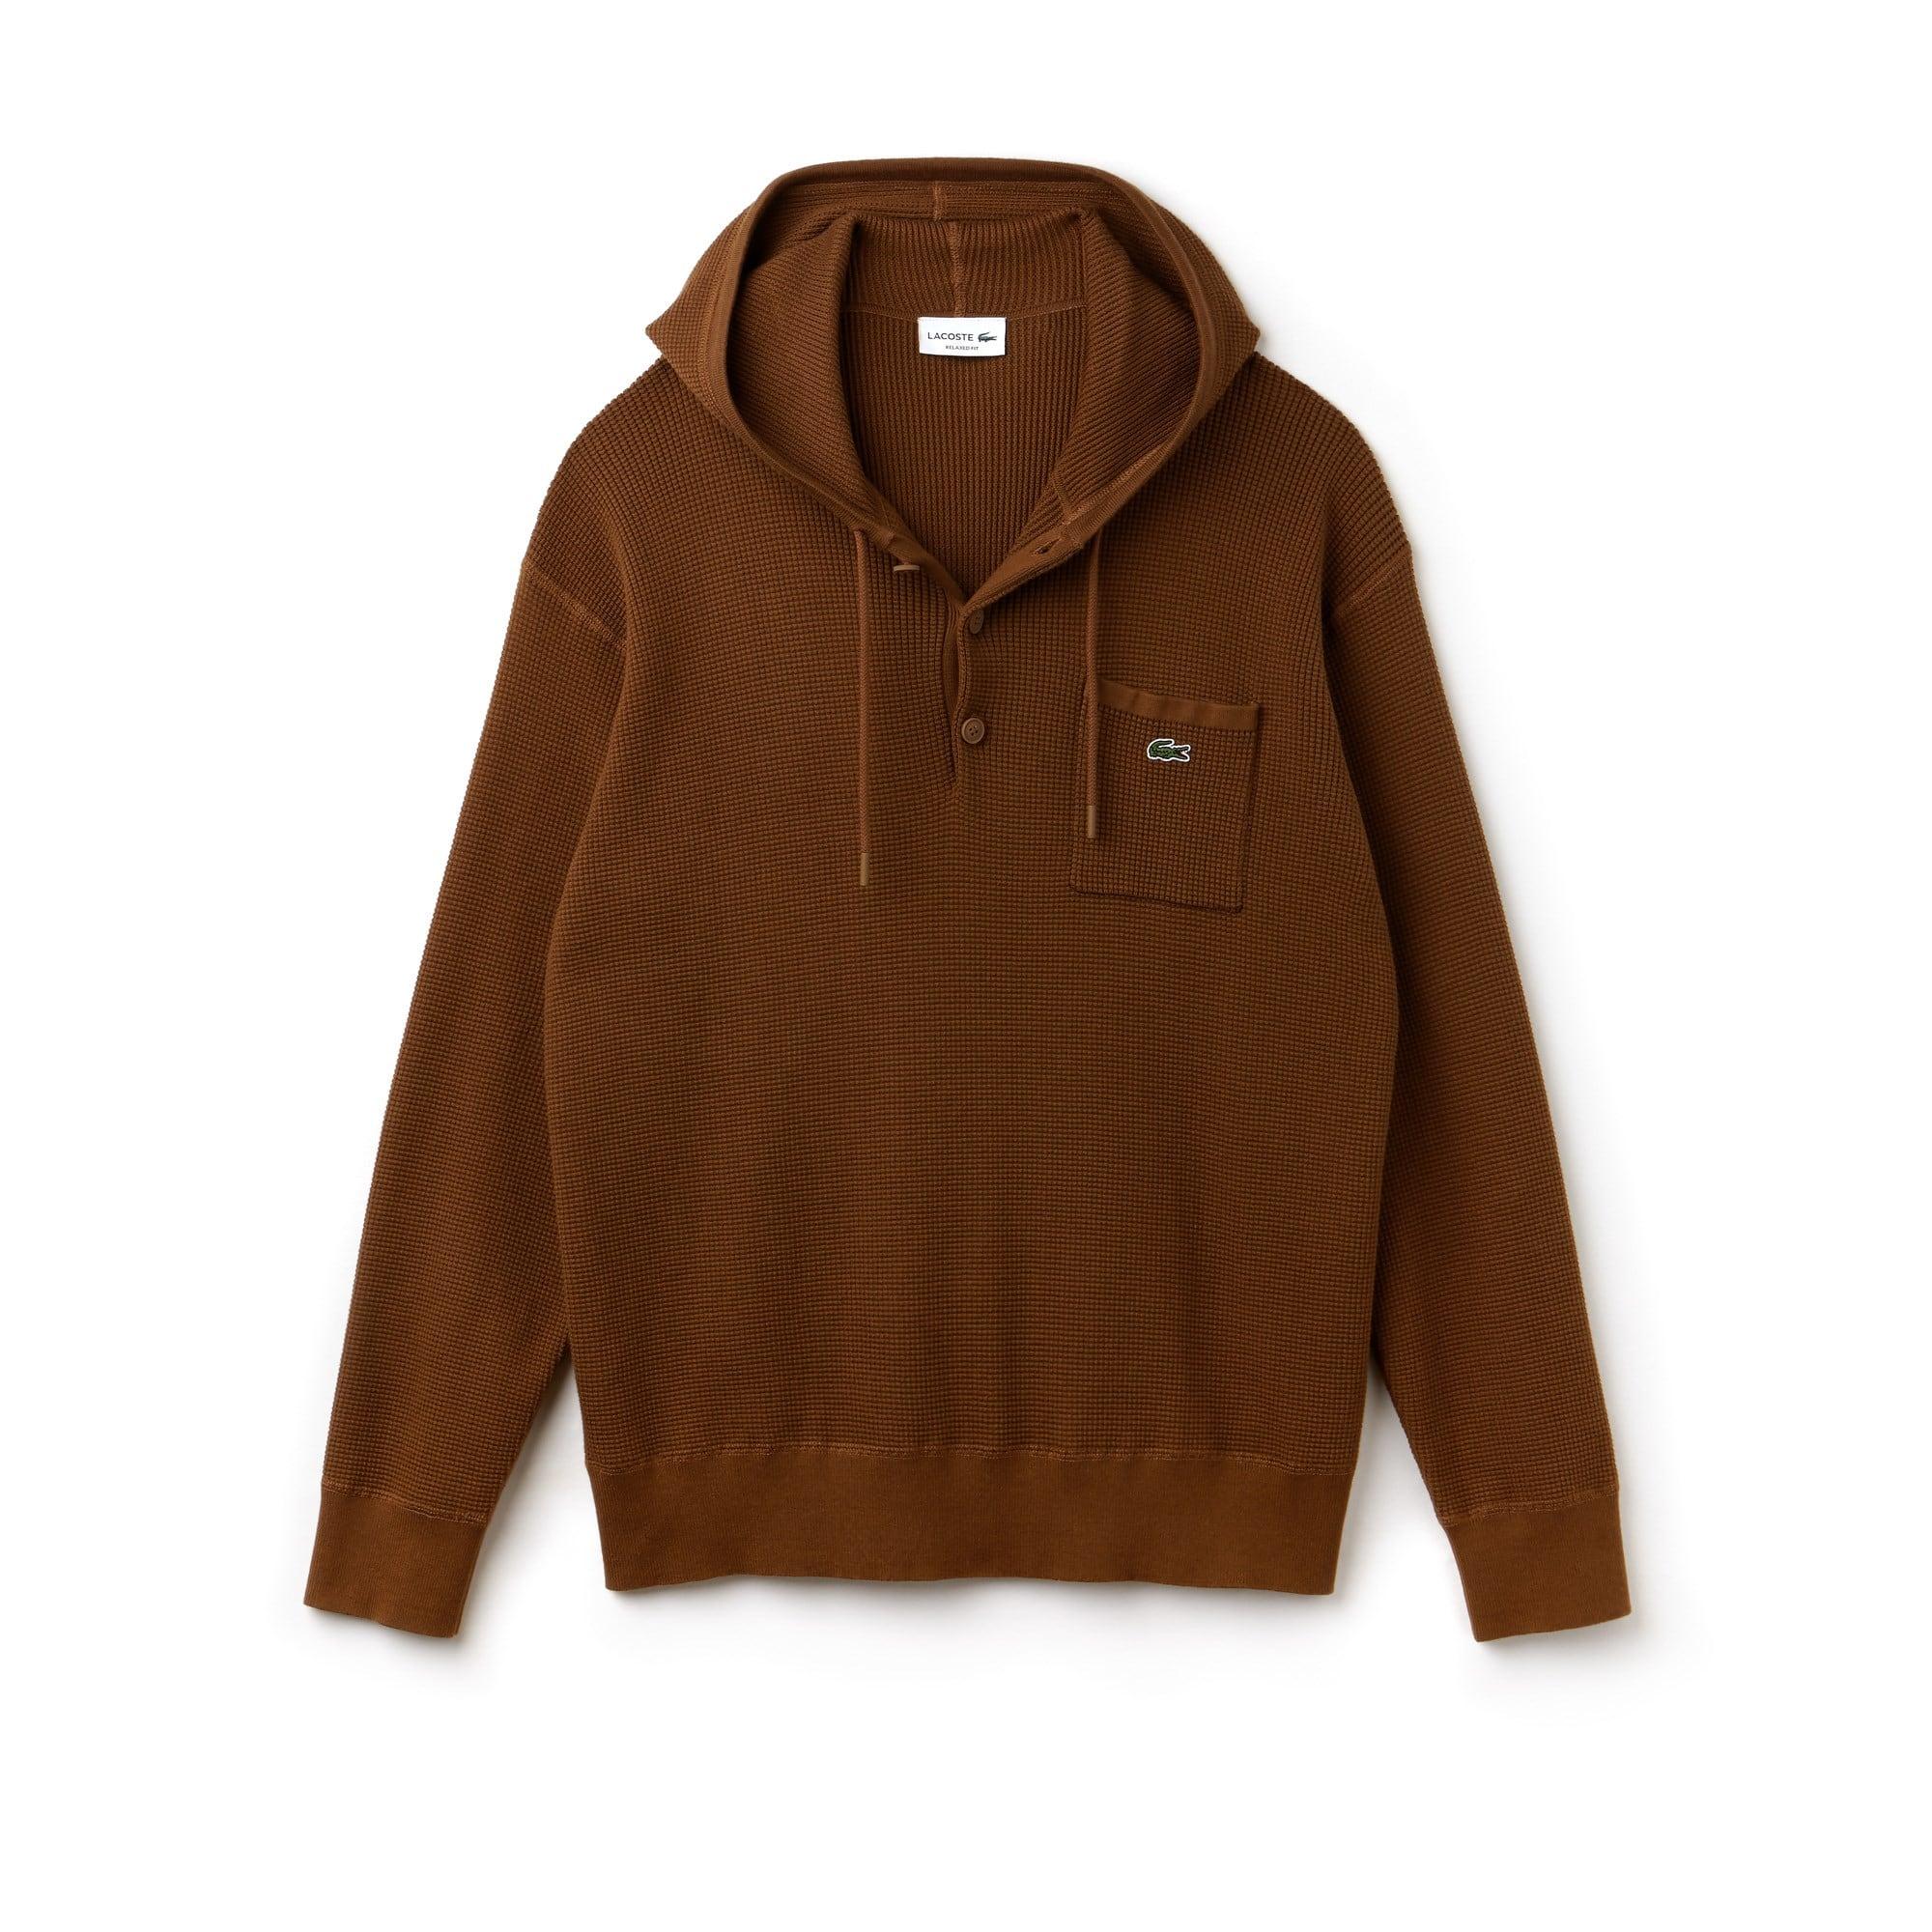 Herren-Sweatshirt aus Baumwoll-Strickware mit Kapuze